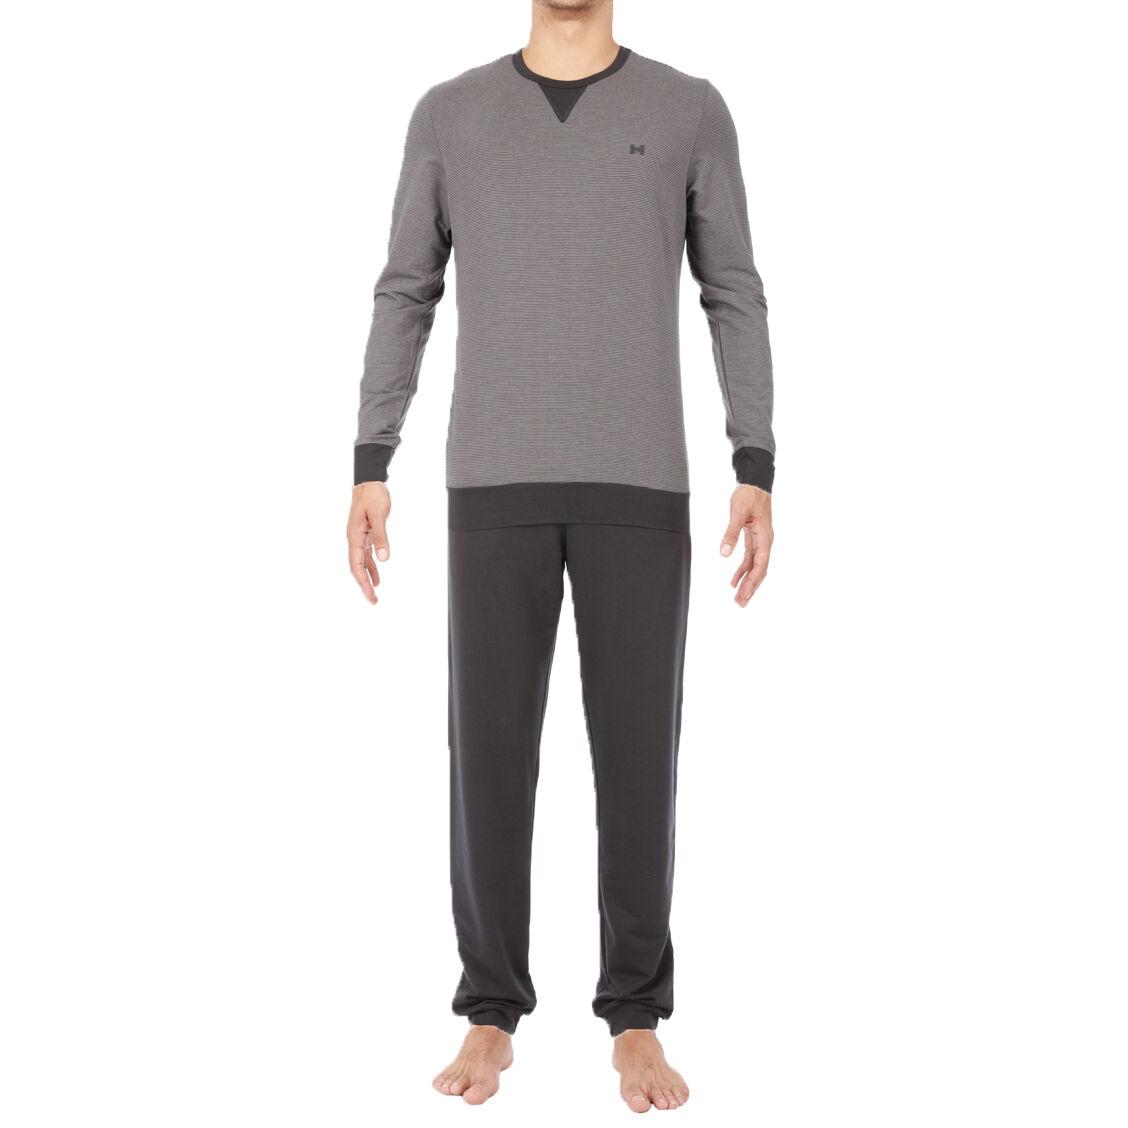 Hom Tenue d'intérieur HOM Emmanuel en coton et modal stretch forme jogging : tee-shirt col rond à fines rayures grises et gris anthracite et pantalon gris anthracite